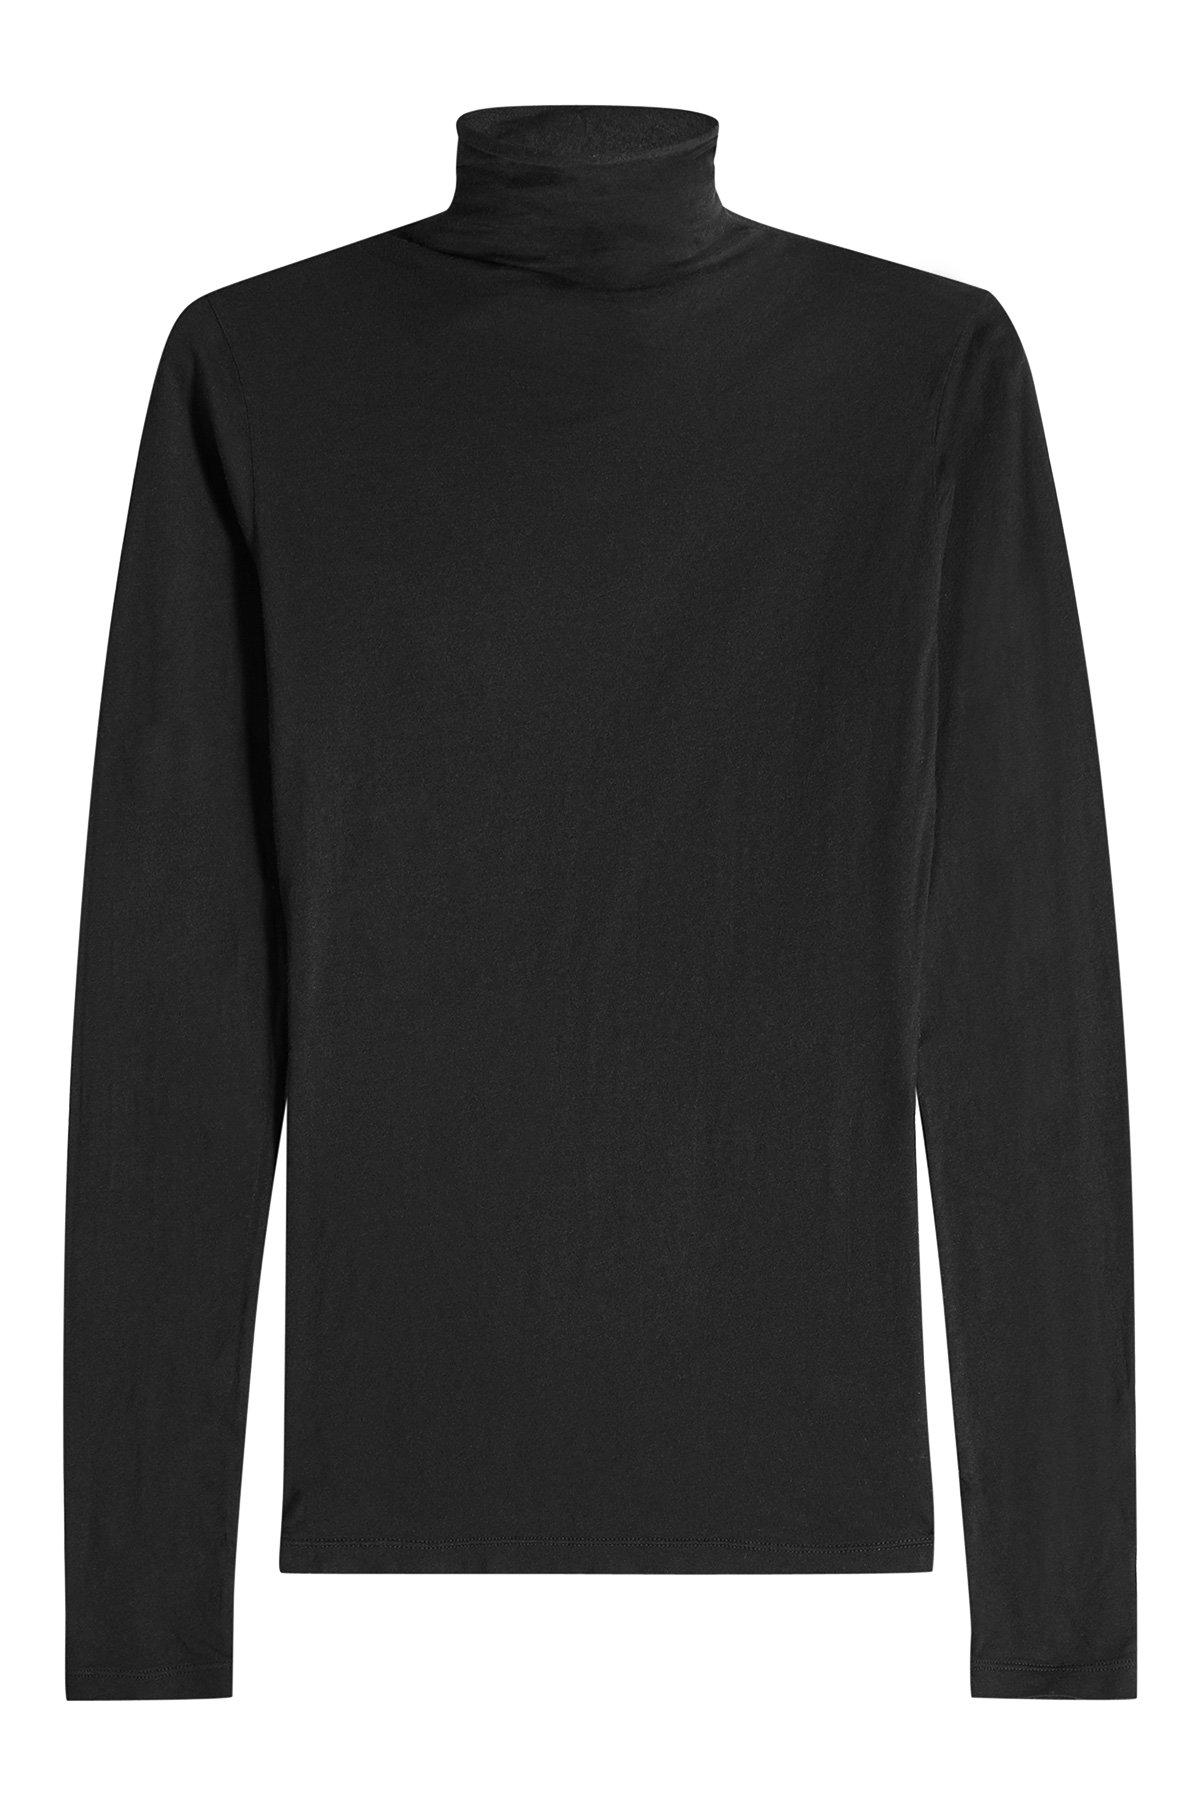 Velvet Cotton Turtleneck Pullover In Black